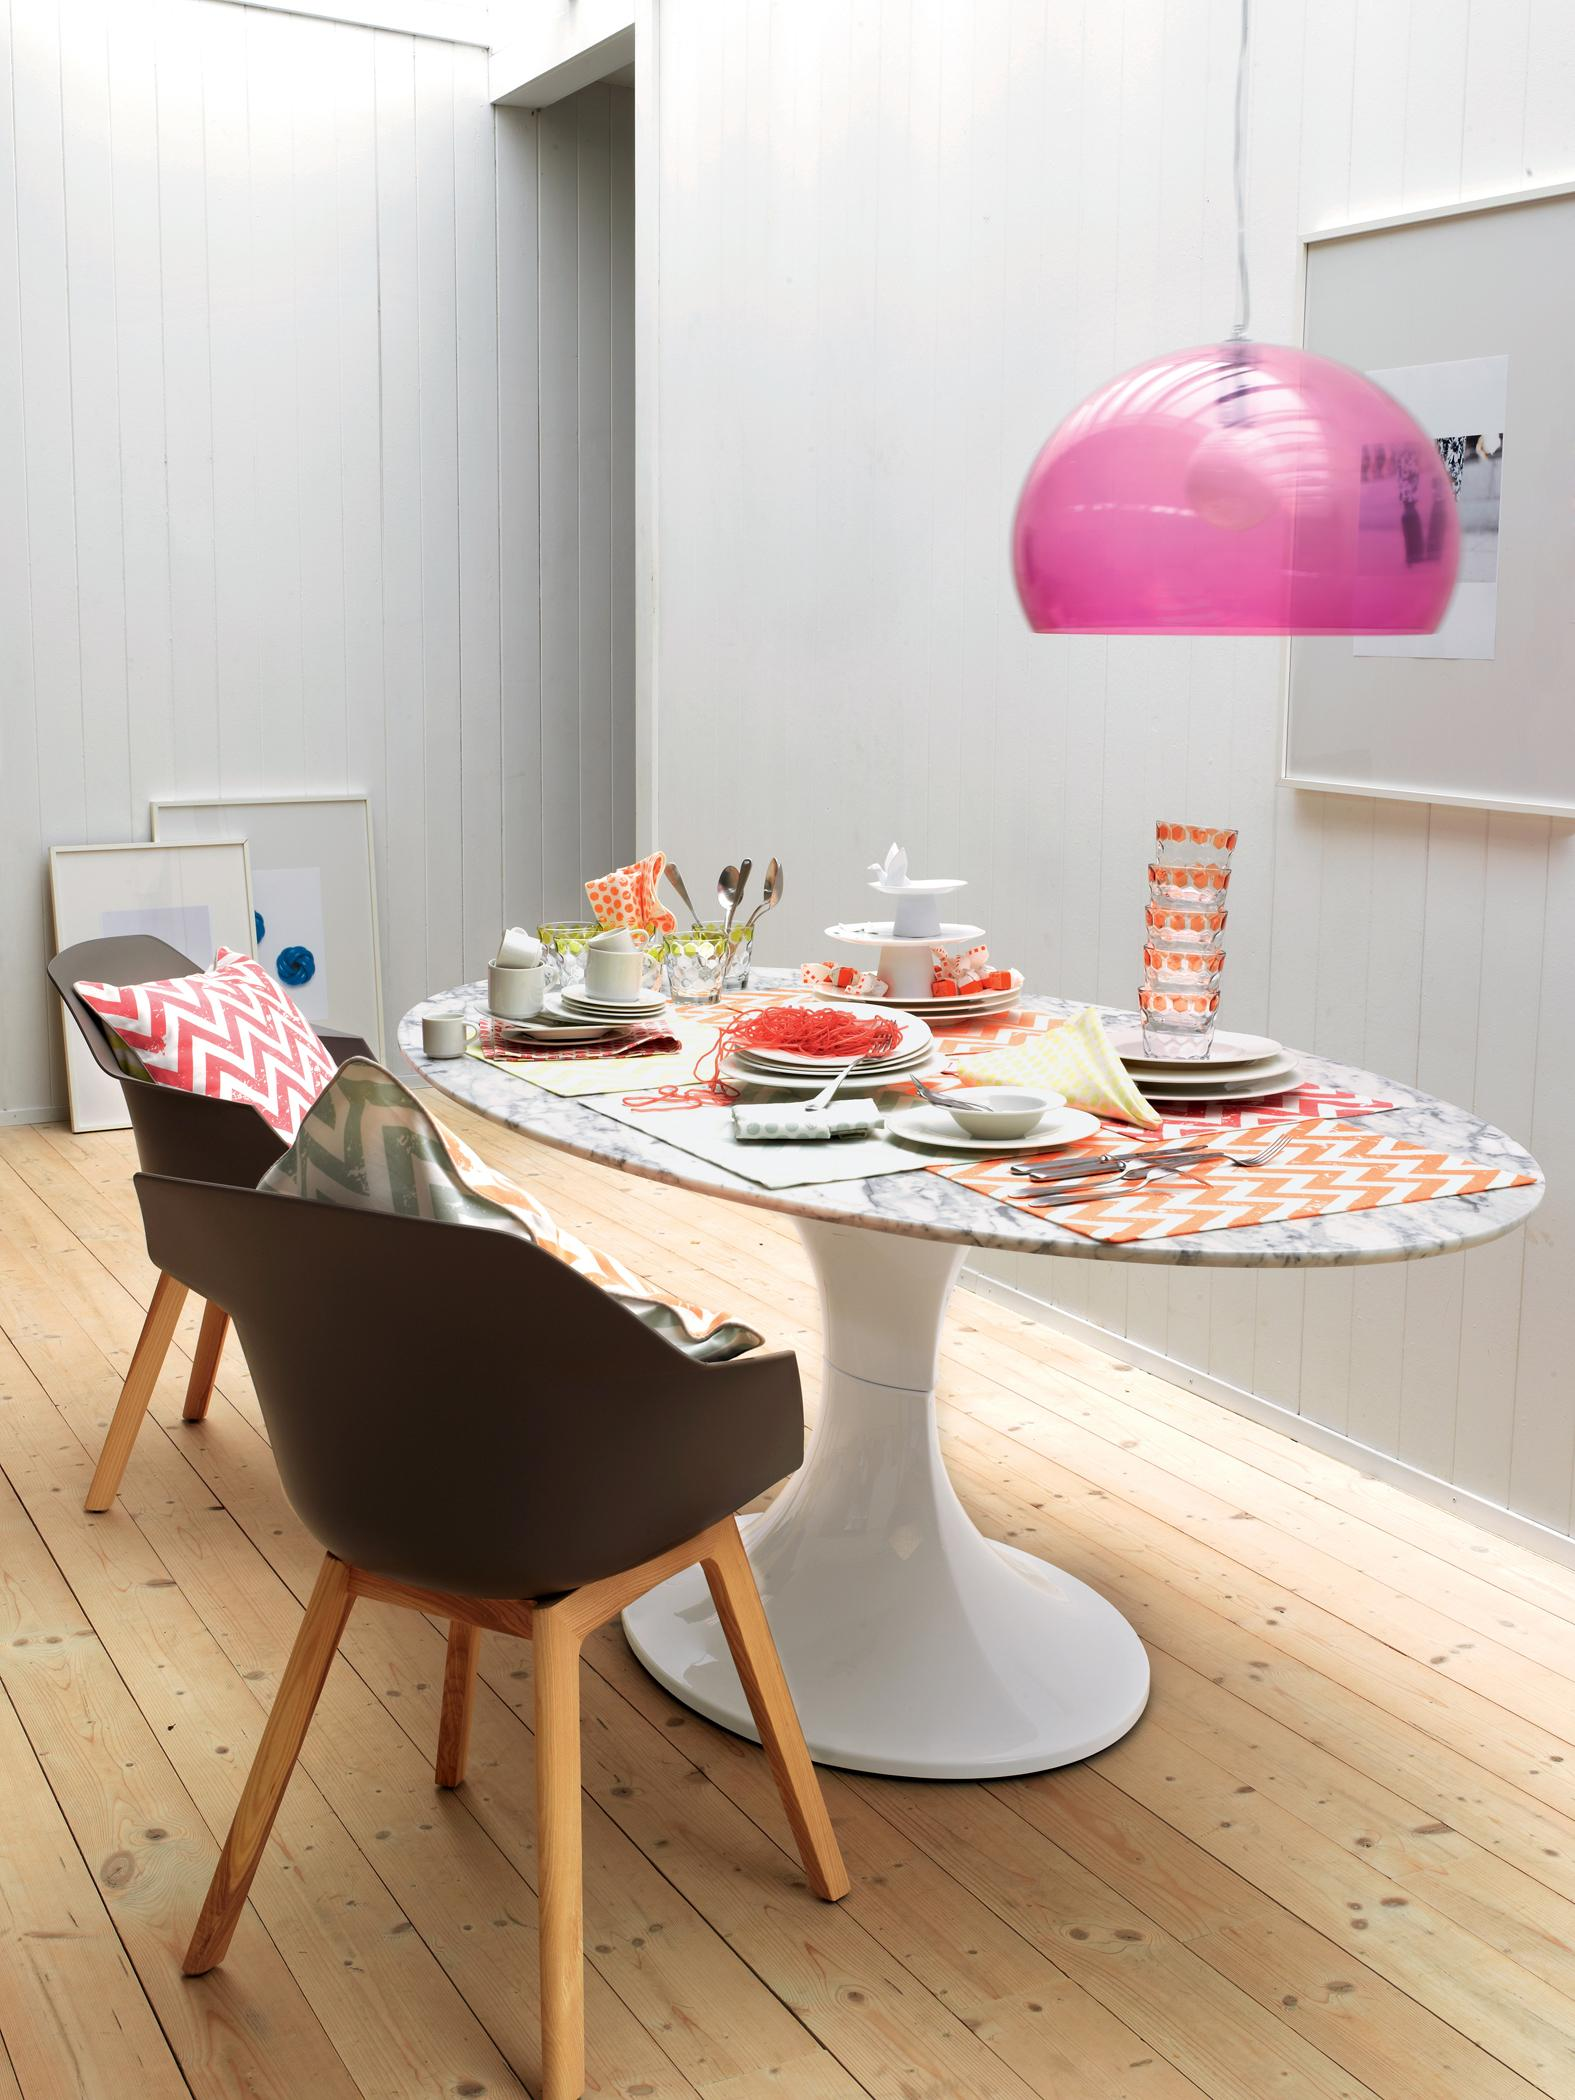 Hängeleuchte In Pink Stuhl Geschirr Lampe Tisch